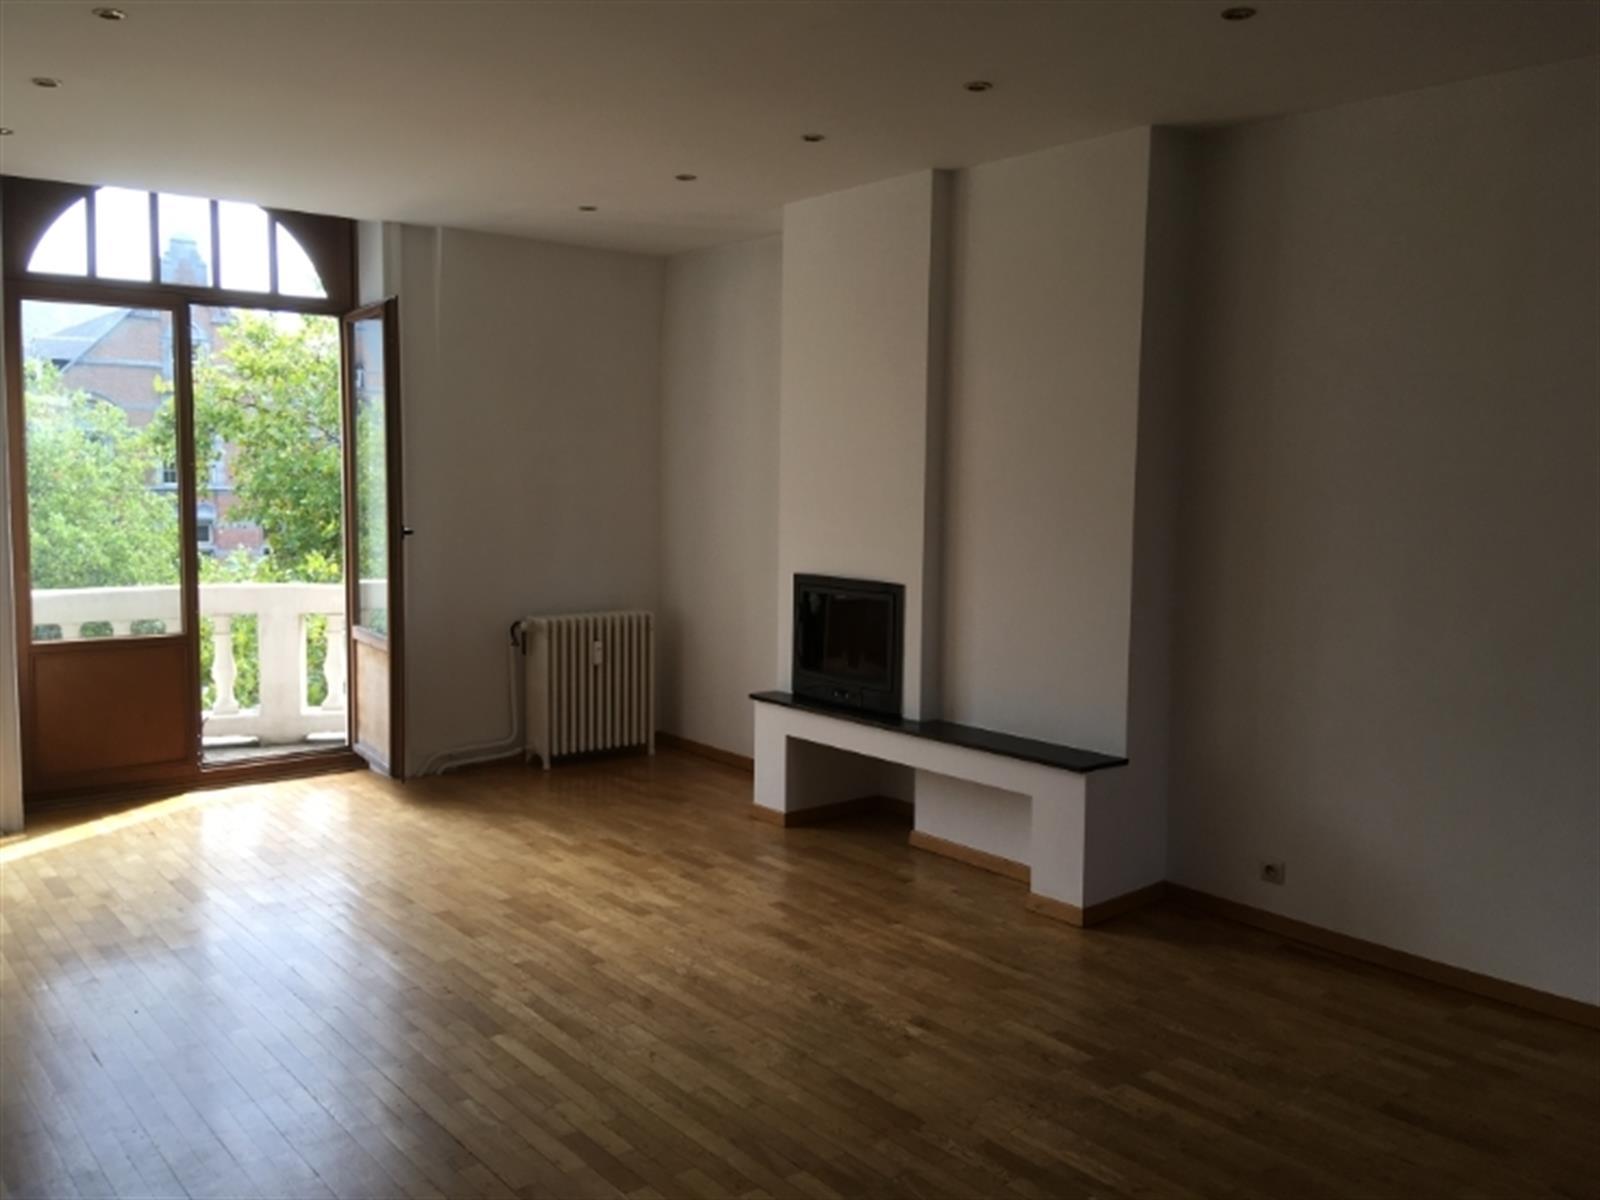 Appartement - Etterbeek - #4350465-2